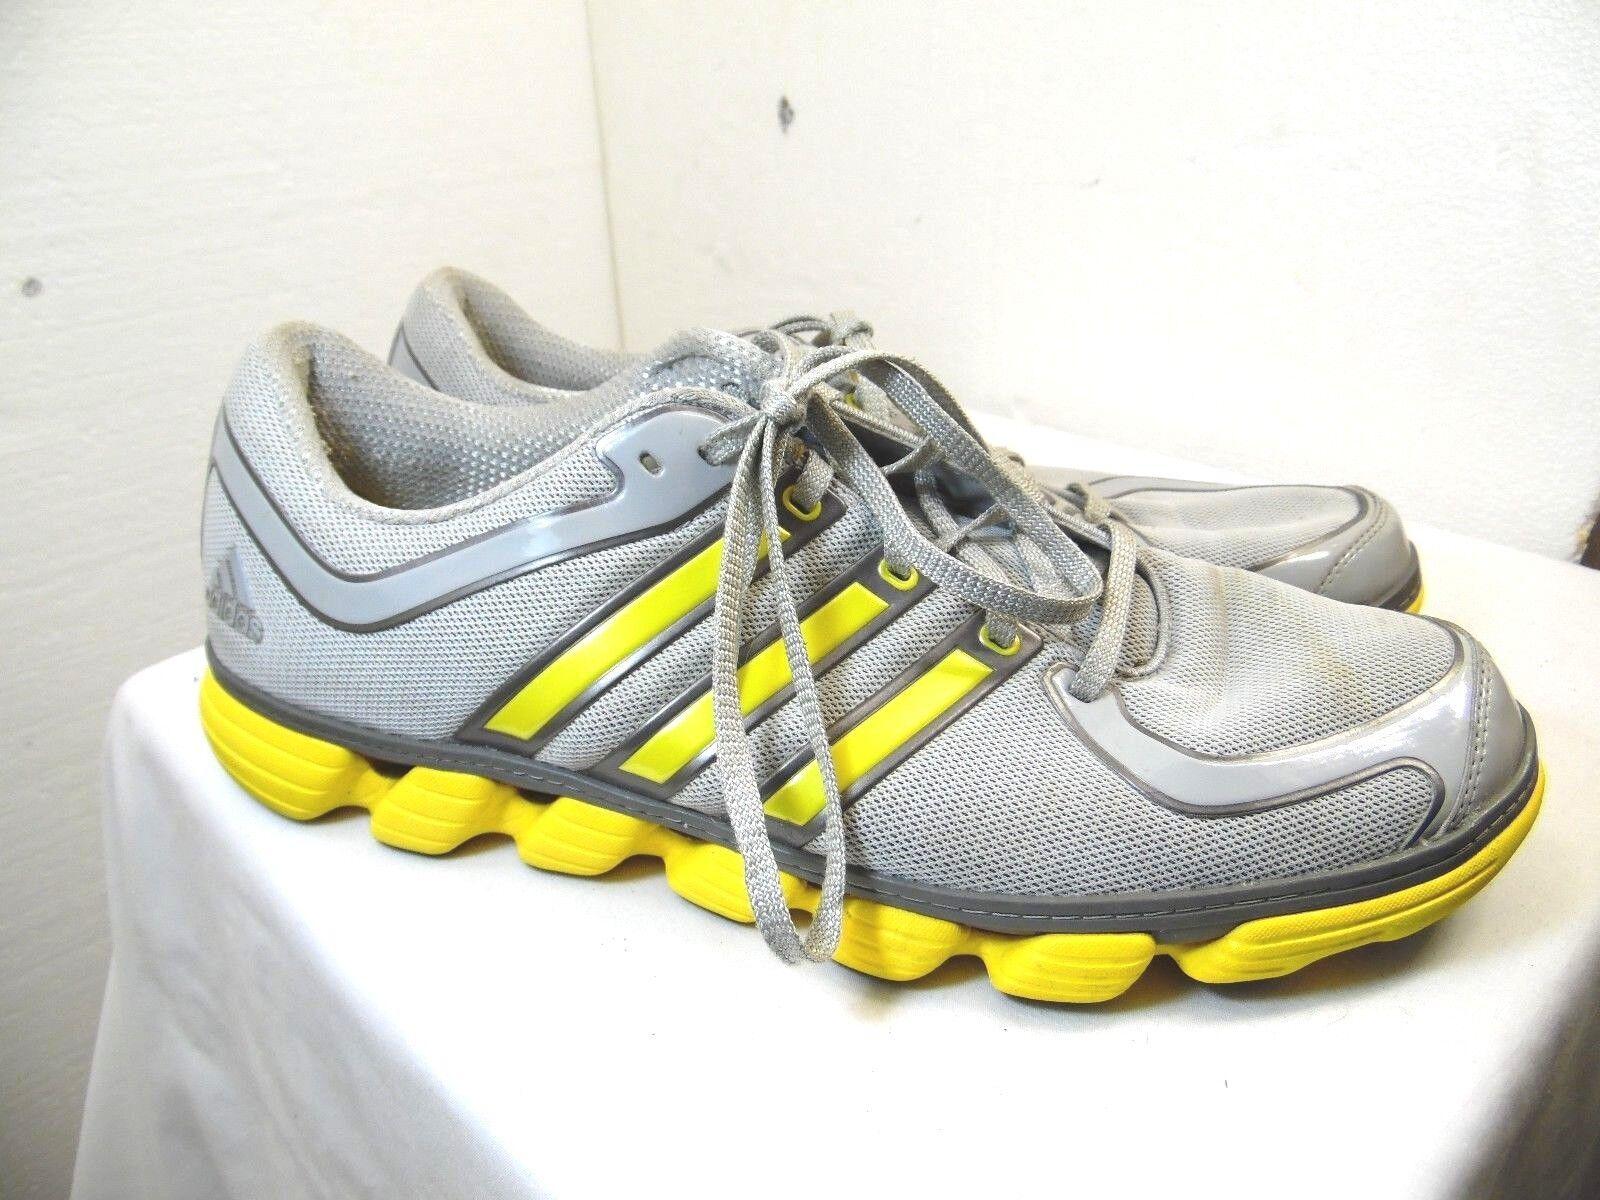 Hombre zapatos deportivos Adidas marca el amarillo tamaño 12 gris y amarillo el color PP4 nuevos zapatos para hombres y mujeres, el limitado tiempo de descuento cd07d5